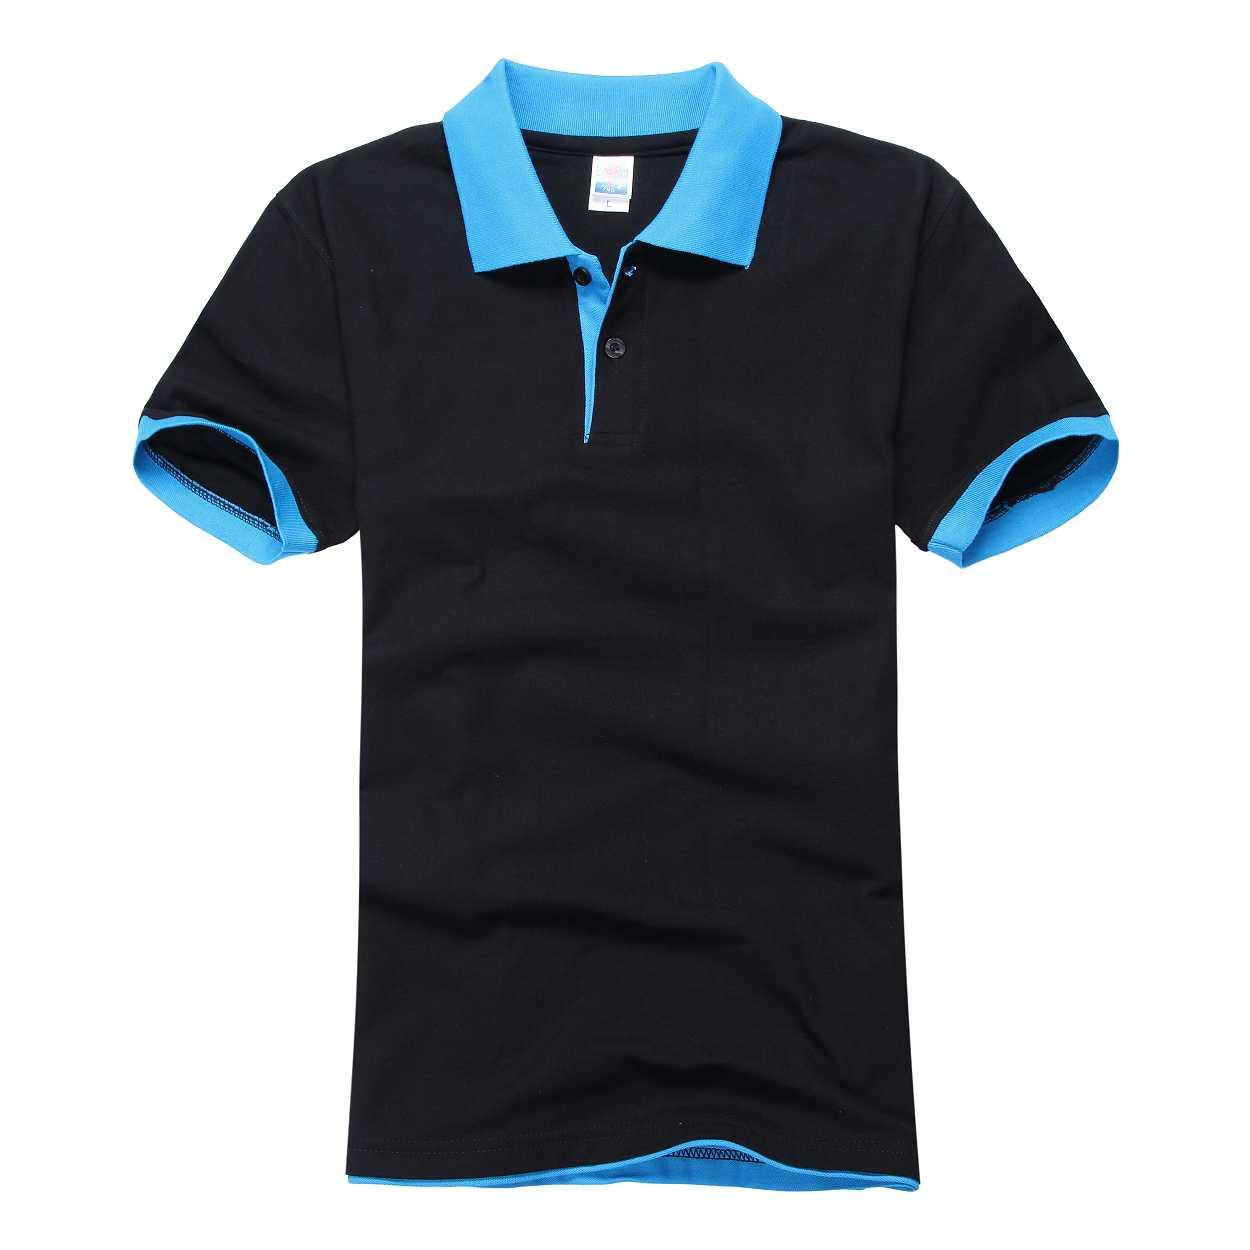 广州工作服,定做T恤衫,T恤衫是企业夏季最好的宣传渠道